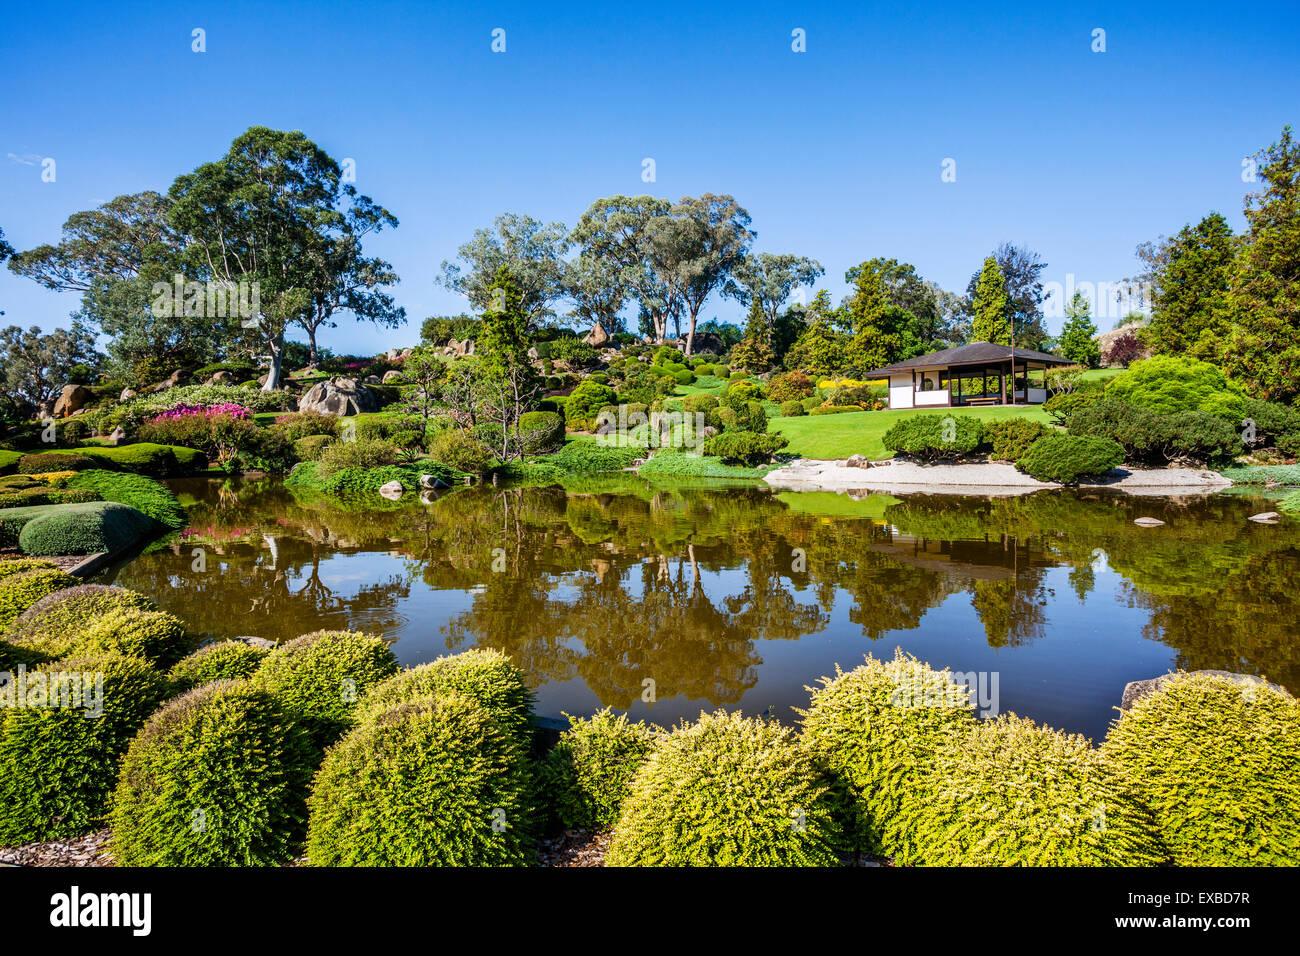 Australia, Nuovo Galles del Sud e Centrale Regione Ovest, il lago e la casa da tè a Cowra giardino giapponese Immagini Stock